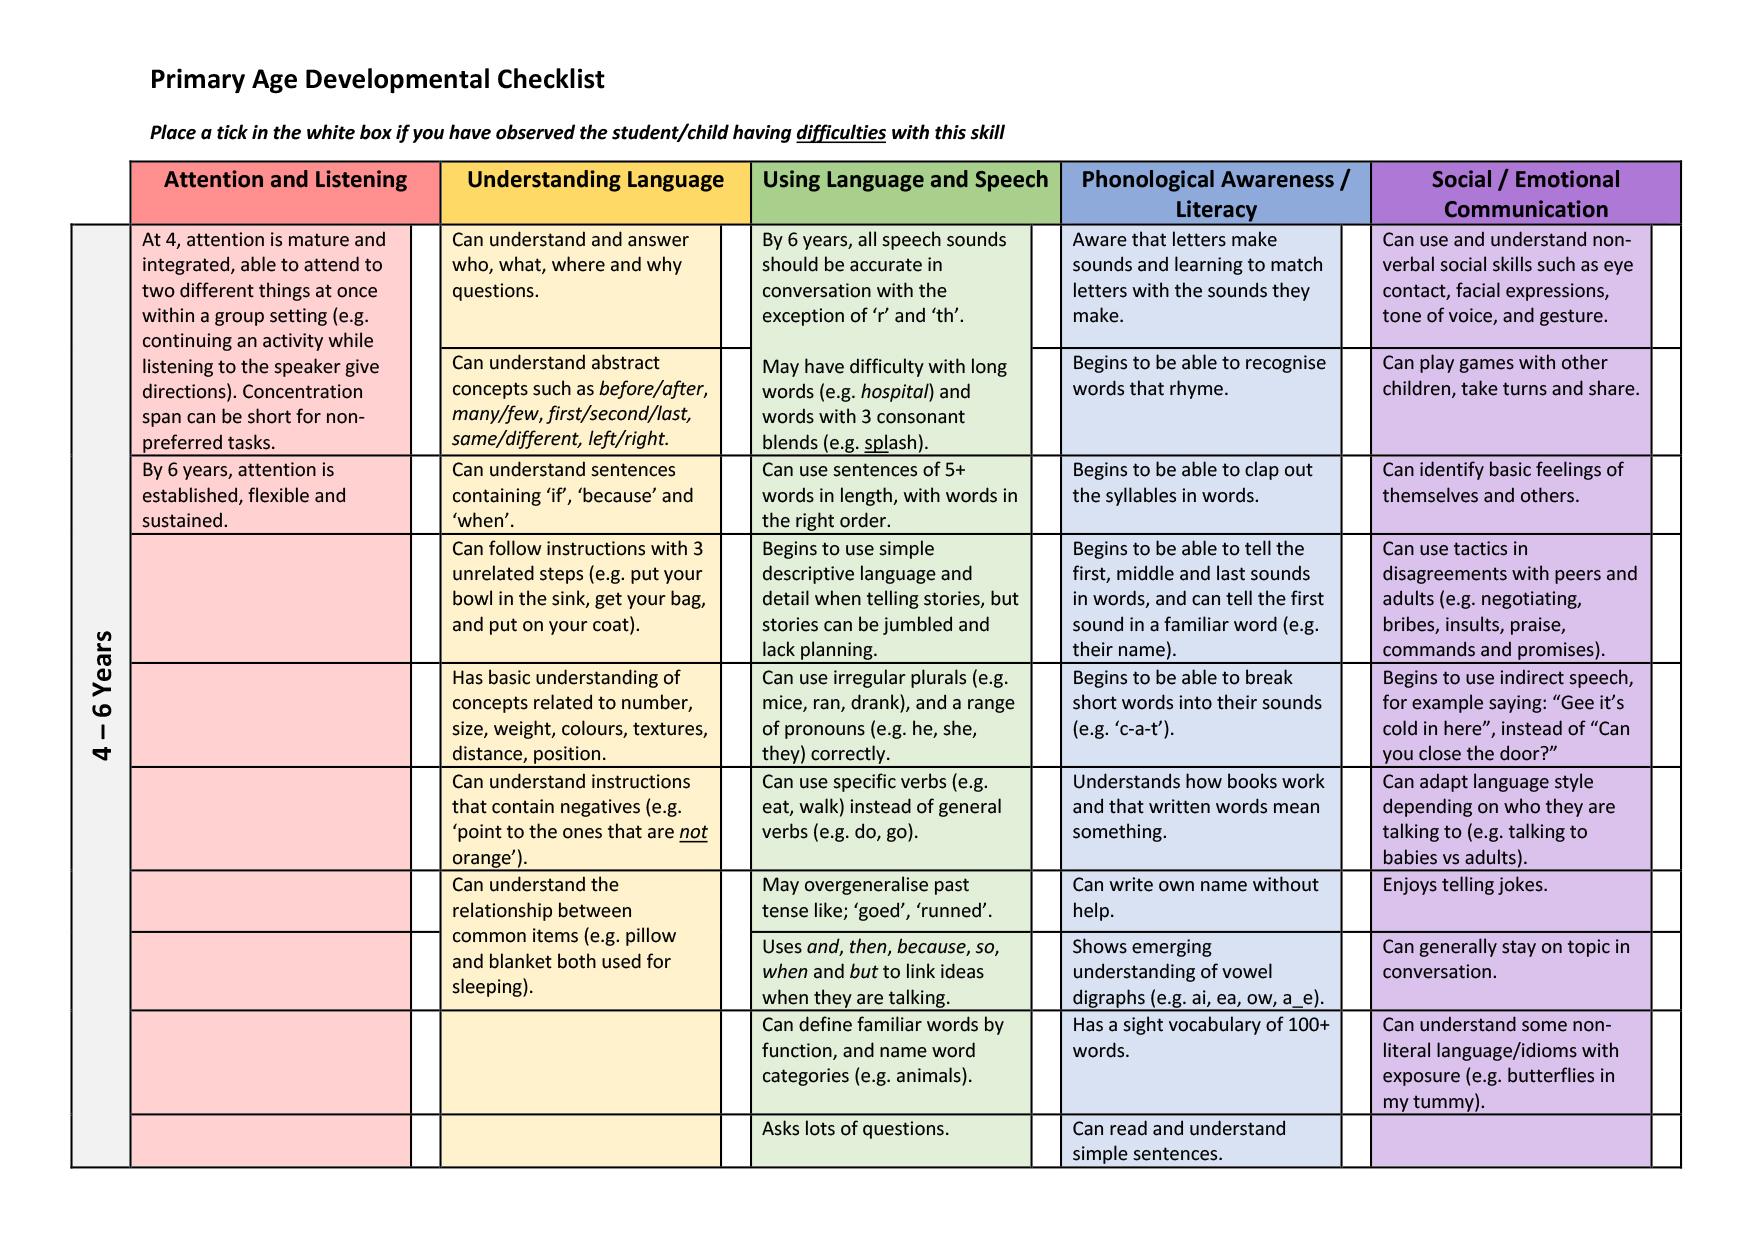 Primary Age Checklist Pg 1